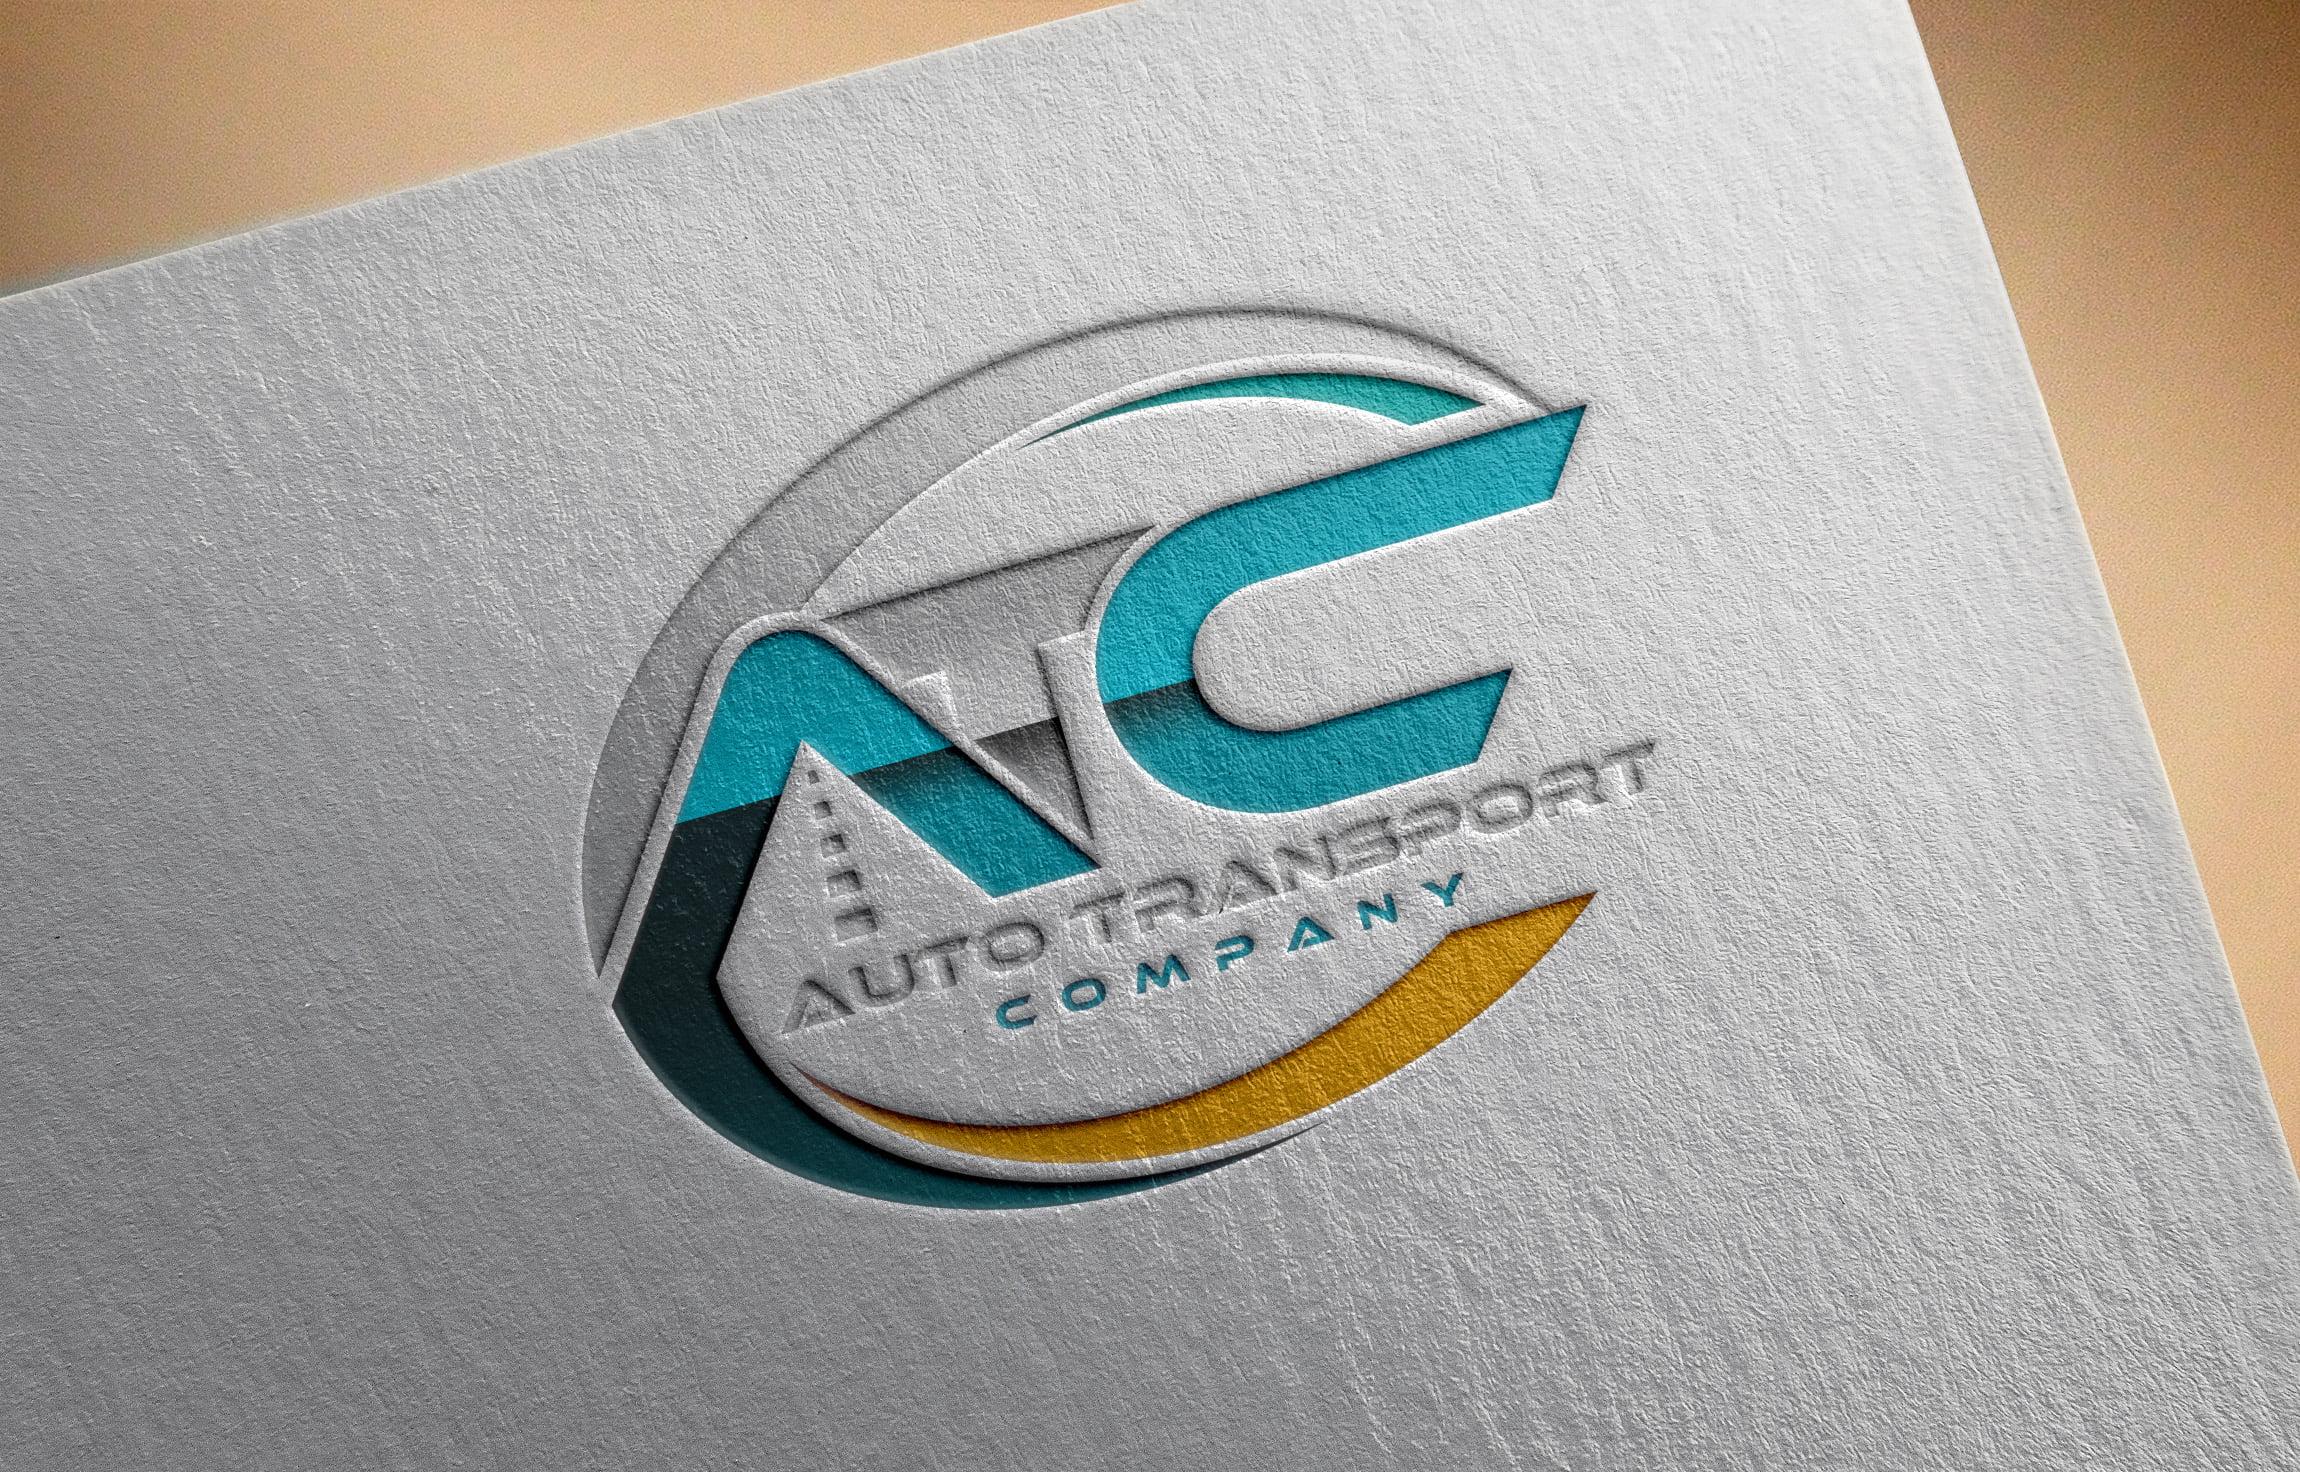 Free PSD Transport Company Logo Design